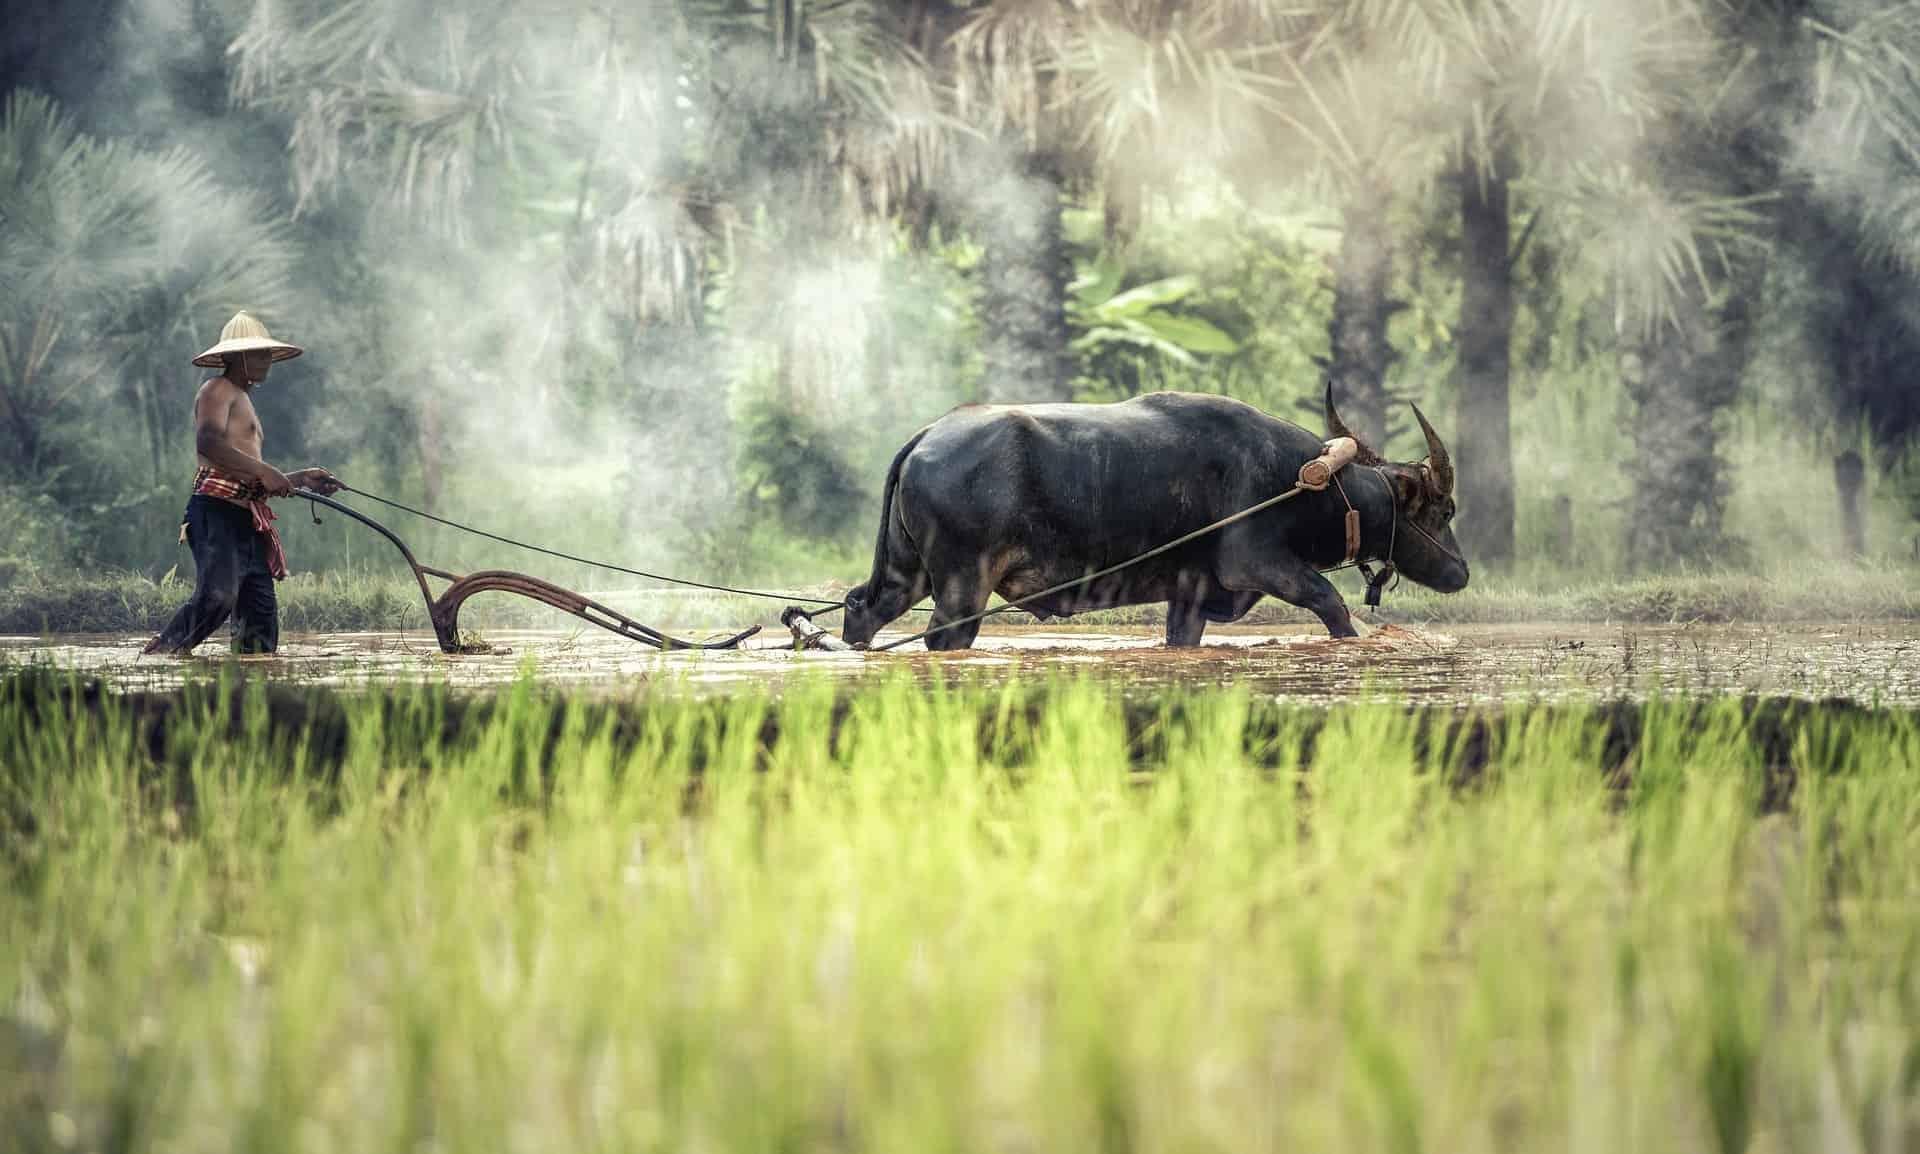 Aisa plantage landscape